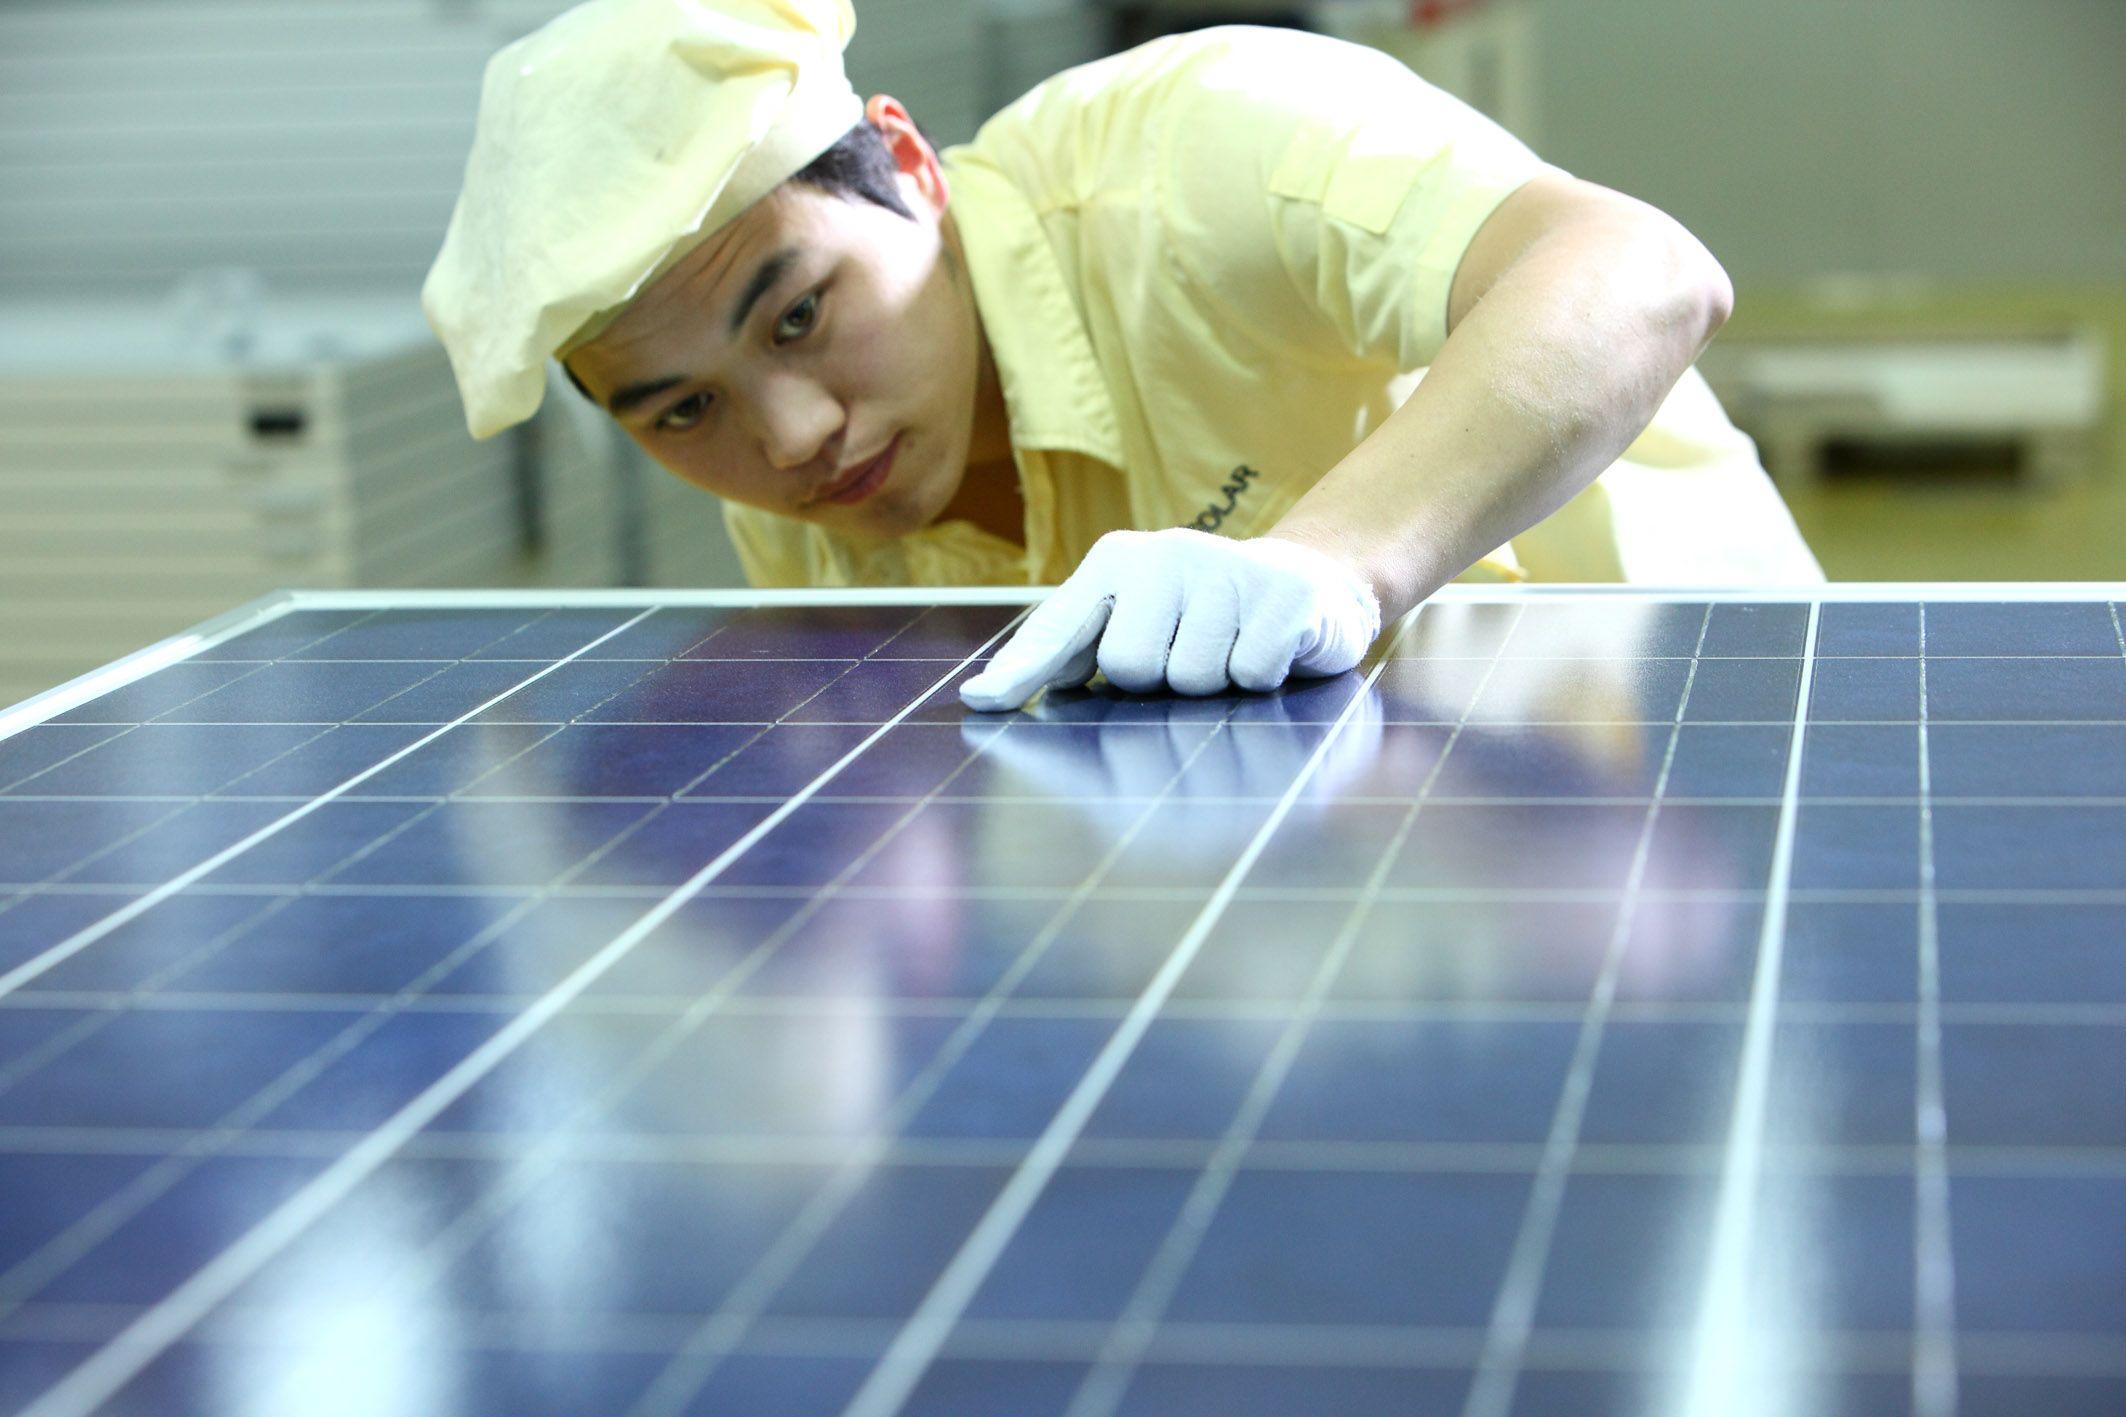 JA Solar hat die Produktion von Solarmodulen ausgebaut und will sie 2017 erweitern. Doch kann der Solarkonzern diese Kapazitäten auch 2018 noch auslasten? / Foto: JA Solar